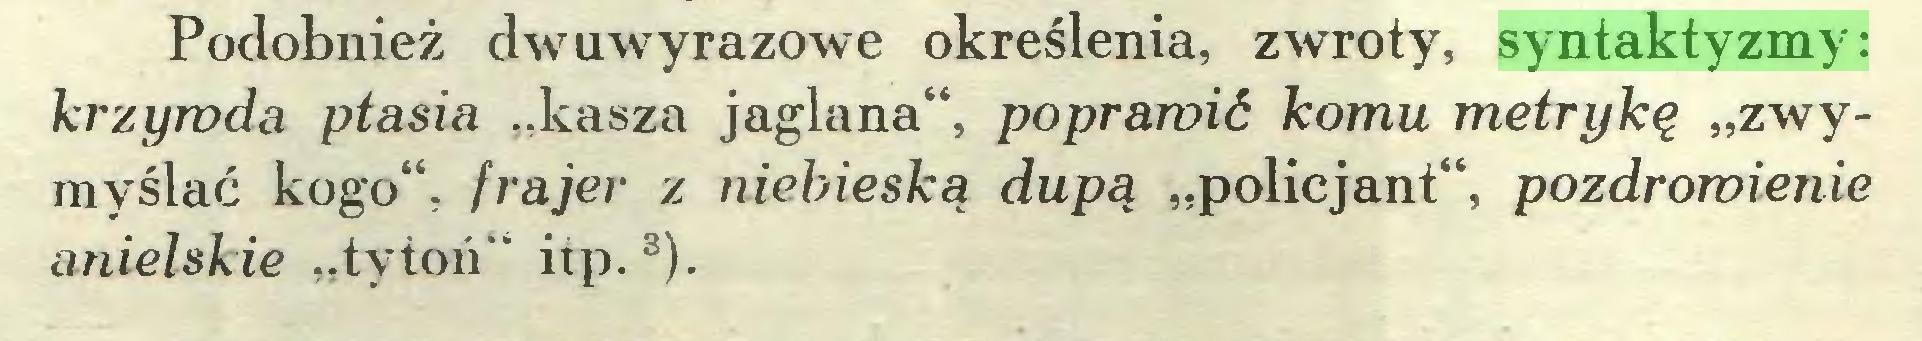 """(...) Podobnież dwuwyrazowe określenia, zwroty, syntaktyzmy: krzywda ptasia """"kasza jaglana"""", poprawić komu metrykę """"zwymyślać kogo"""", frajer z niebieską dupą """"policjant"""", pozdrowienie anielskie """"tytoń"""" itp.3)..."""